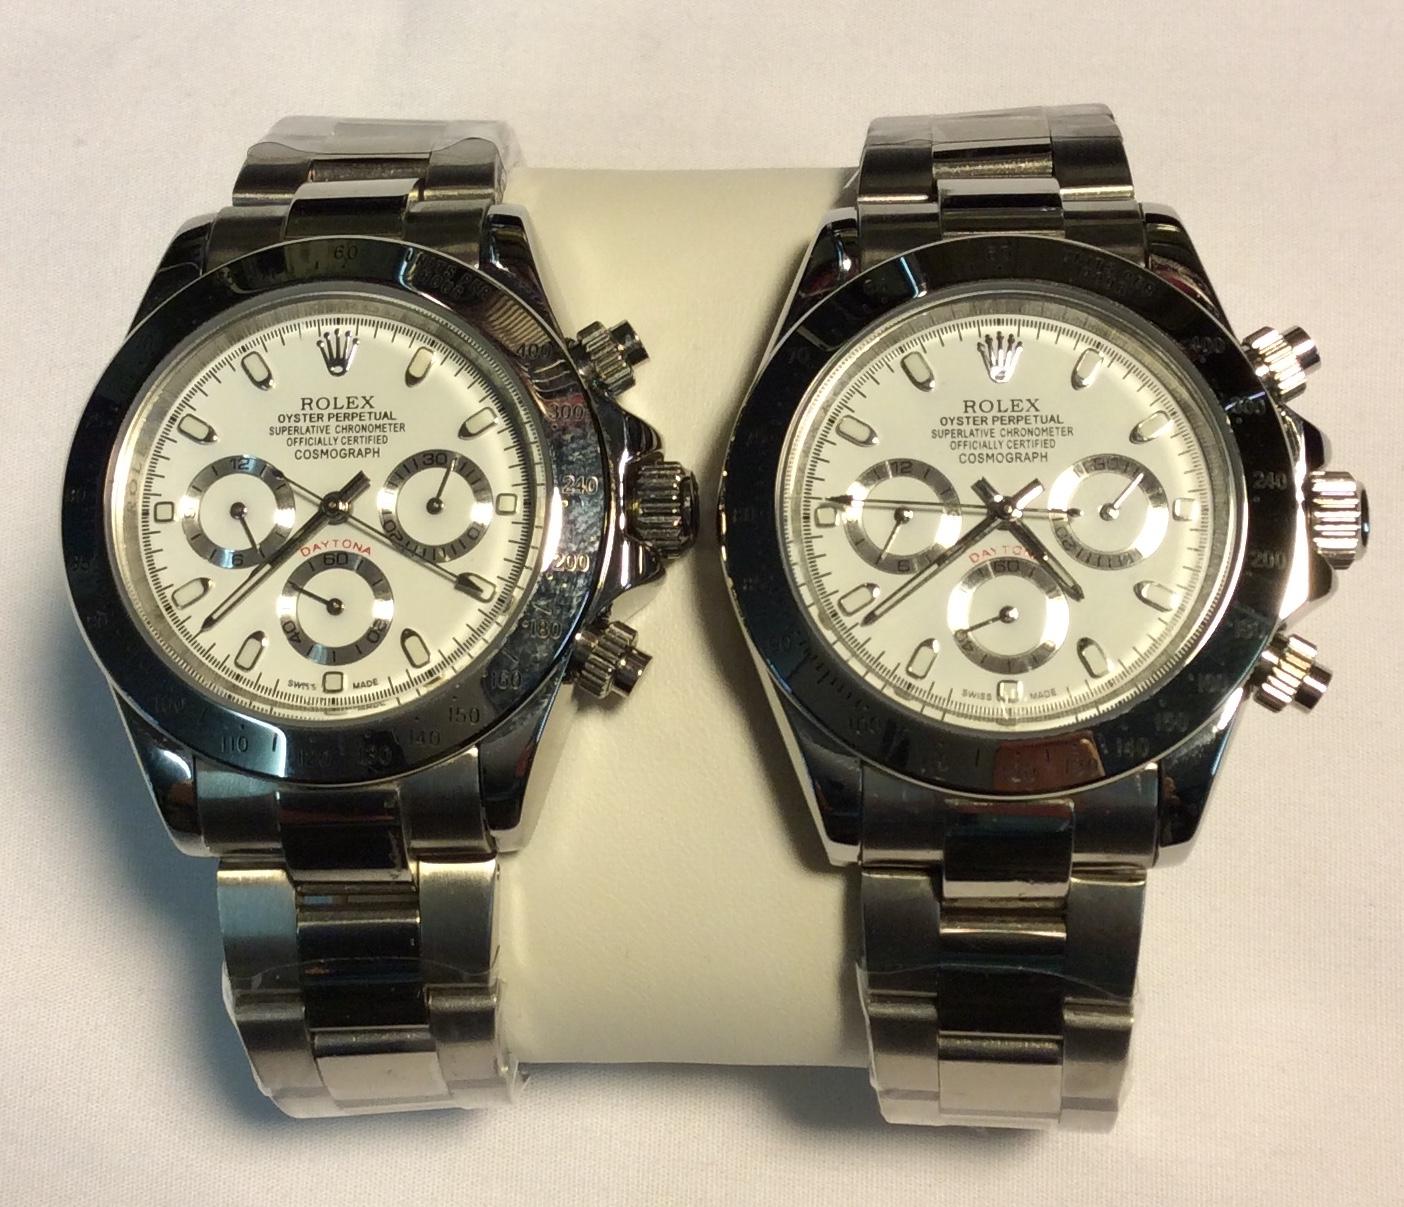 Rolex watch - Round white face